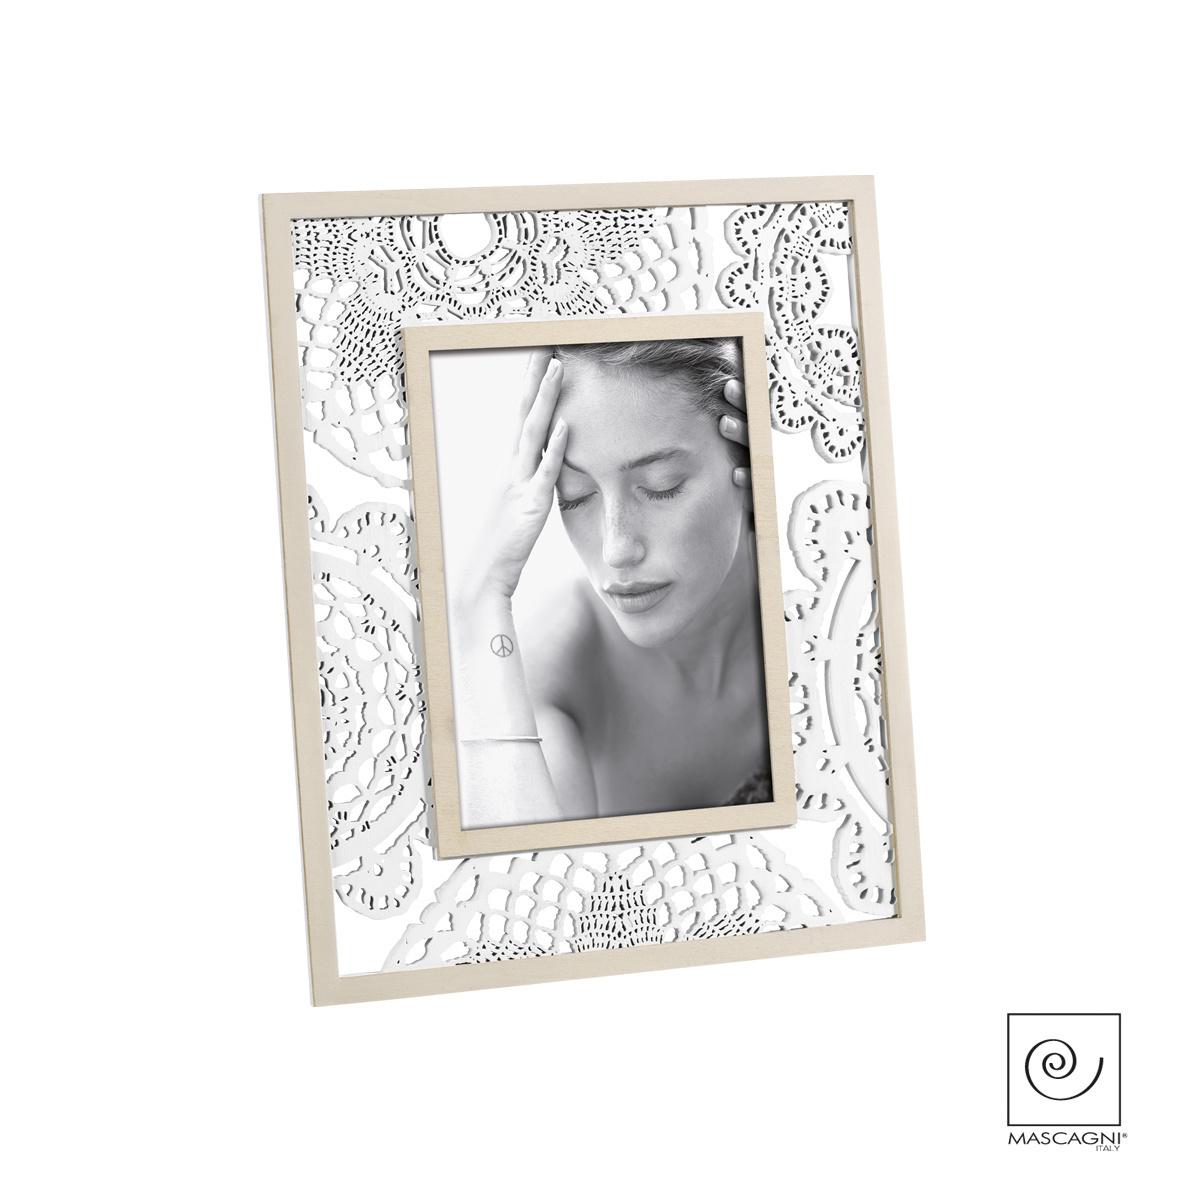 Art Mascagni A890 PHOTO FRAME 13X18 - COL.WHITE